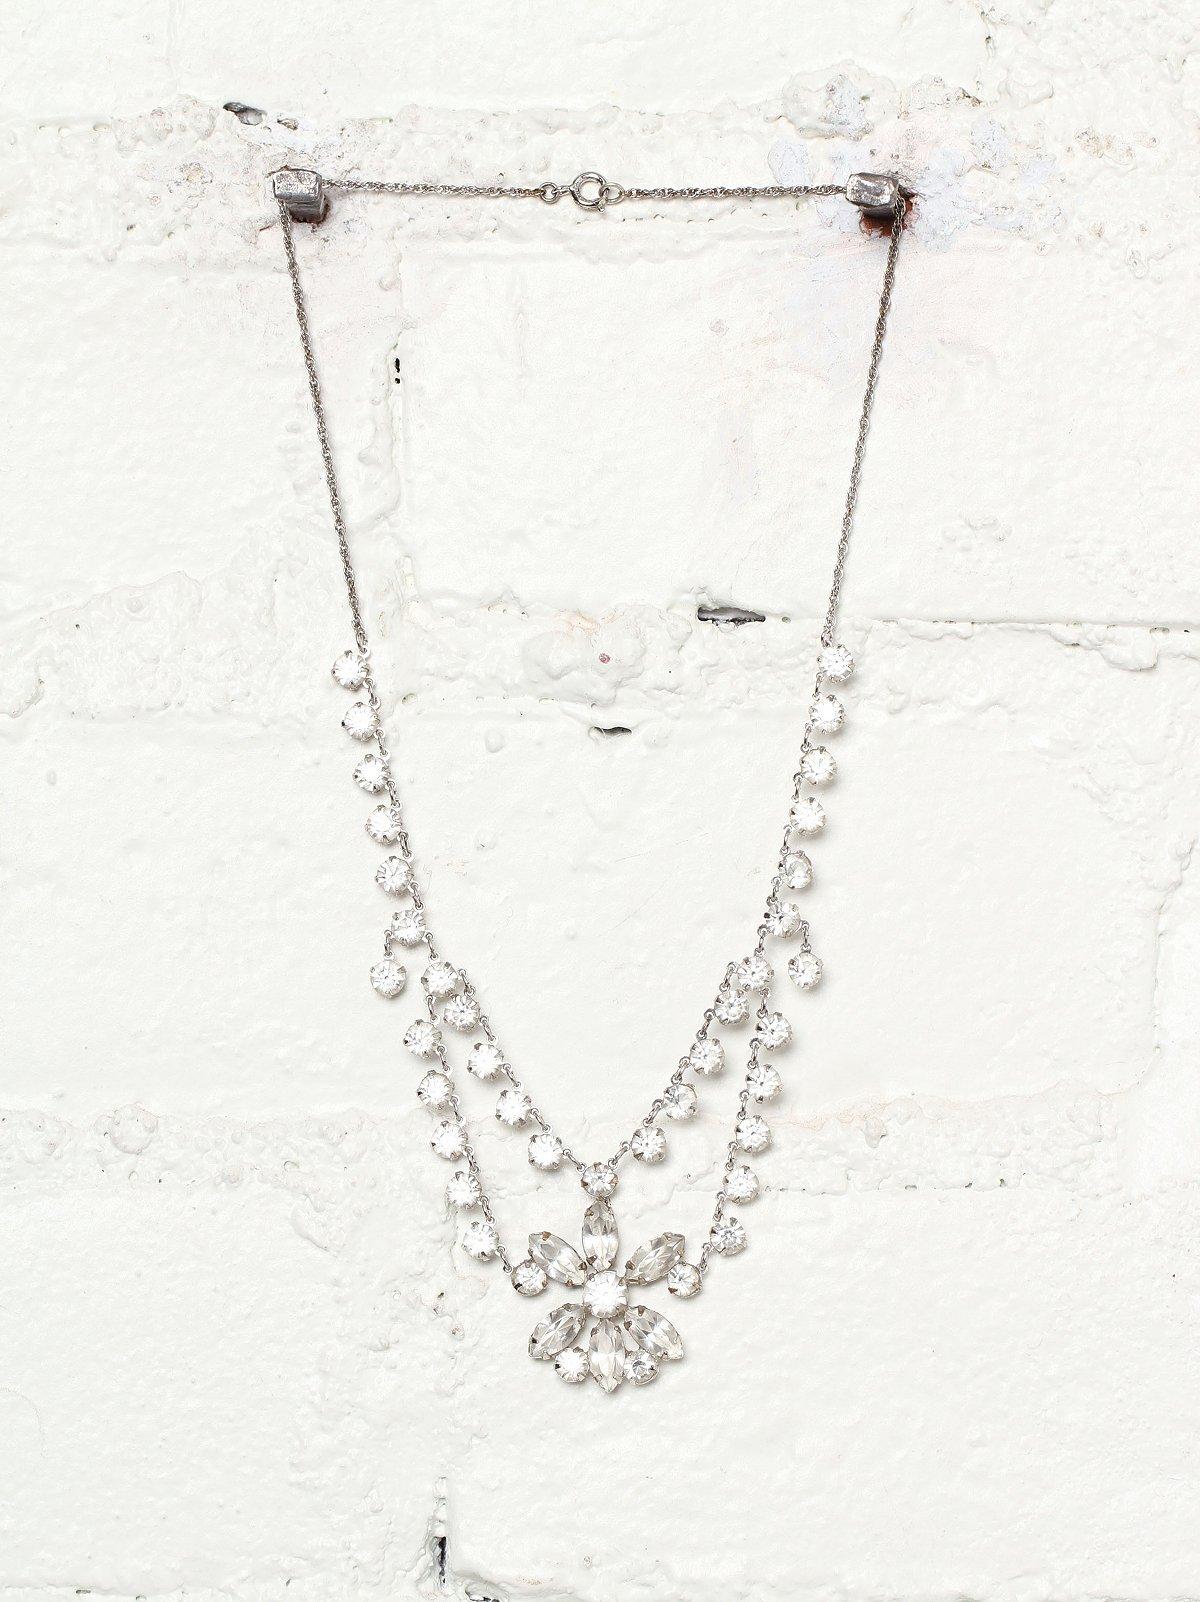 Vintage Crystal Stone Embellished Necklace